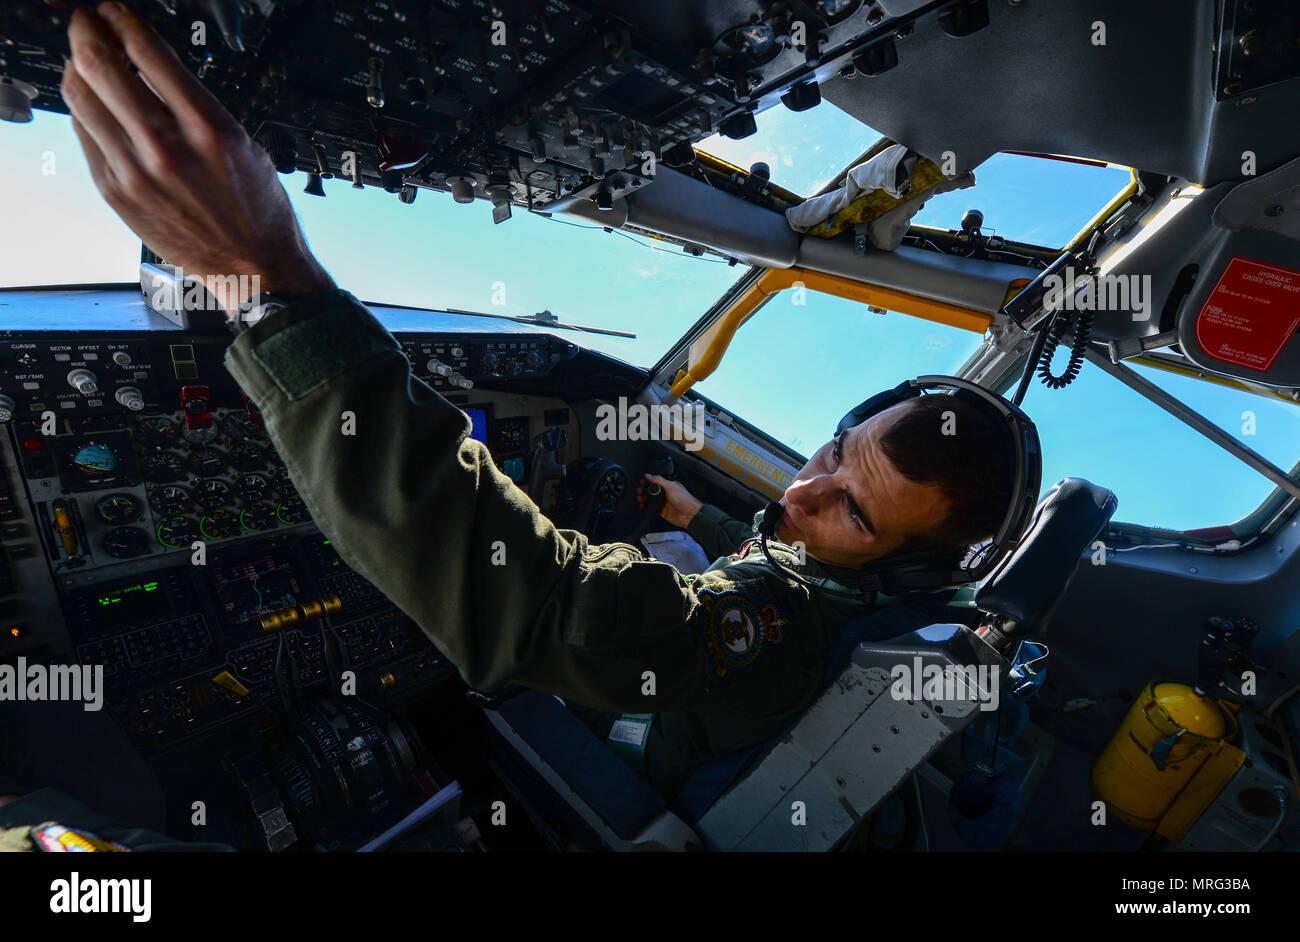 Le capitaine de l'US Air Force Robert Allen, 351e Escadron de ravitaillement en vol de pilote instructeur, vole un KC-135 Stratotanker 3 mai 2017, sur l'Angleterre. Allen a été jumelé avec deux autres membres de l'équipage qui avaient tous deux le prénom Bobby. L'équipage de l'aéronef a été donné a été affecté à l'indicatif d'appel Bobby 92. (U.S. Photo de l'Armée de l'air par le sergent. Michée Anthony) Photo Stock